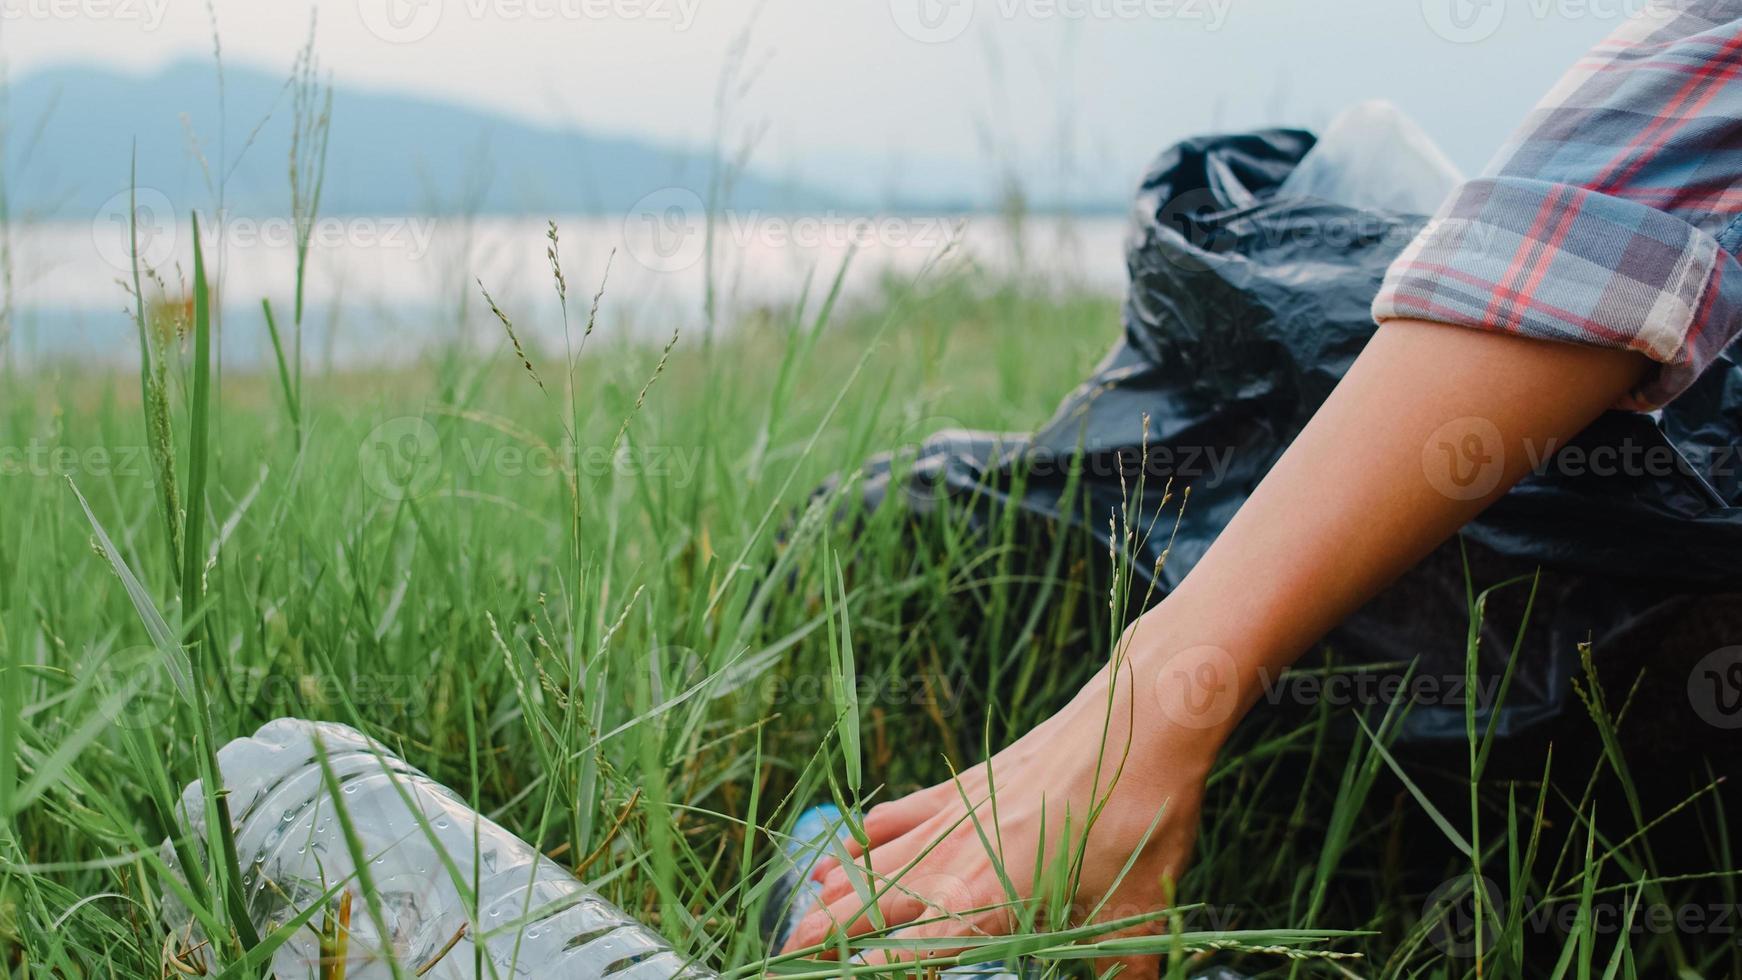 gelukkige jonge azië-activisten die plastic afval in het bos verzamelen. Koreaanse vrouwelijke vrijwilligers helpen de natuur schoon te houden en vuilnis op te halen. concept over milieubehoud vervuilingsproblemen. foto